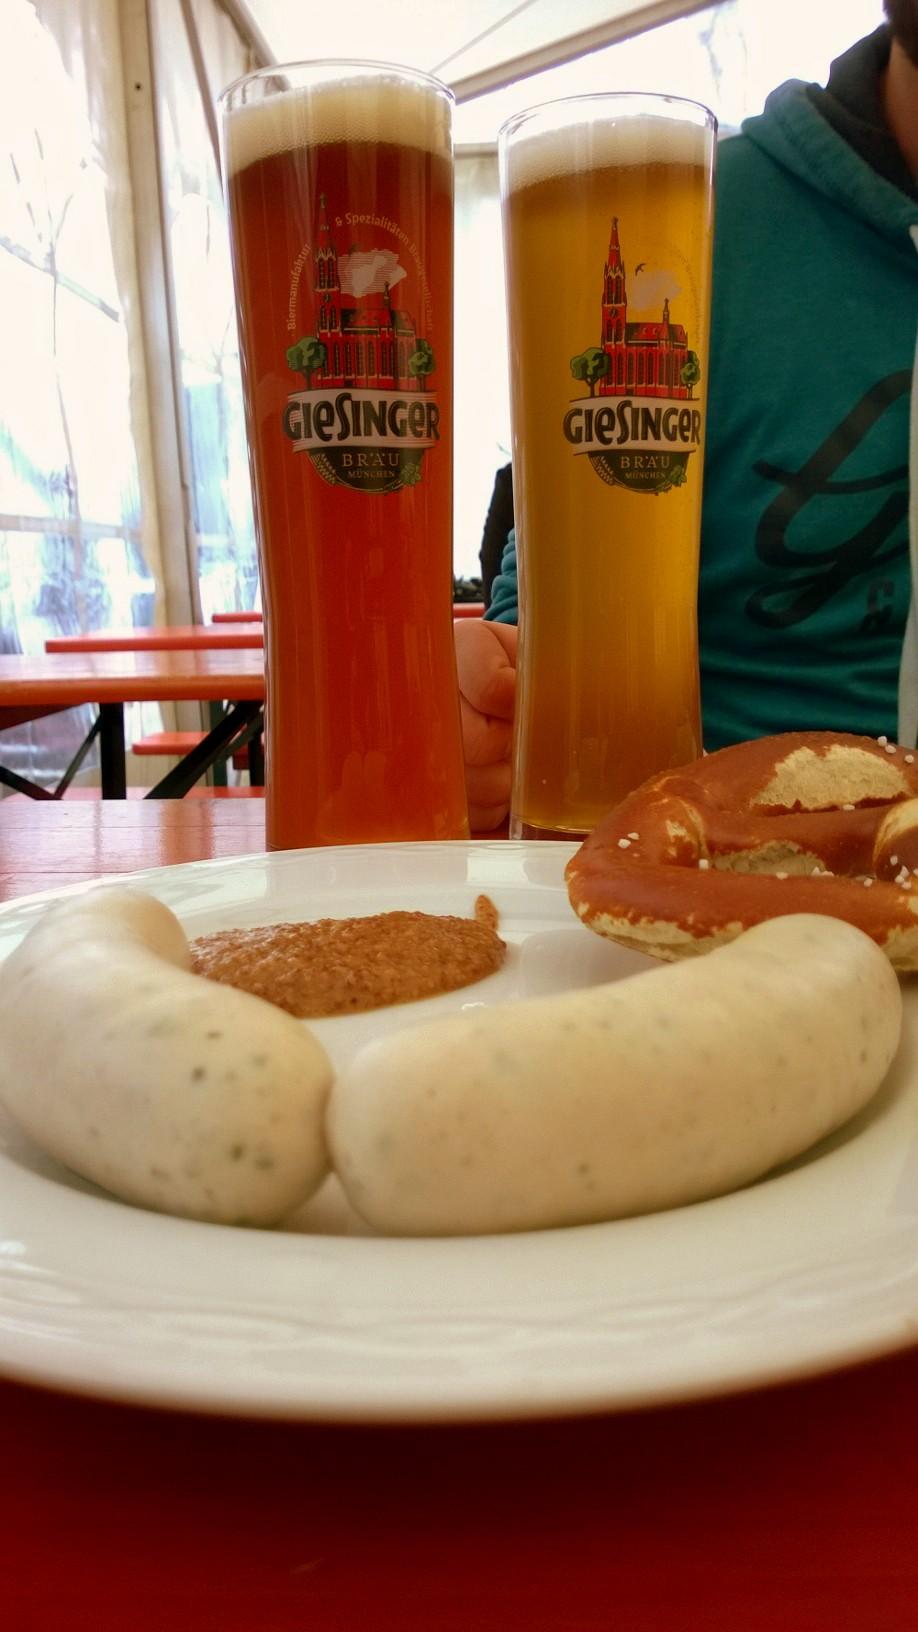 weisswurst-giesinger